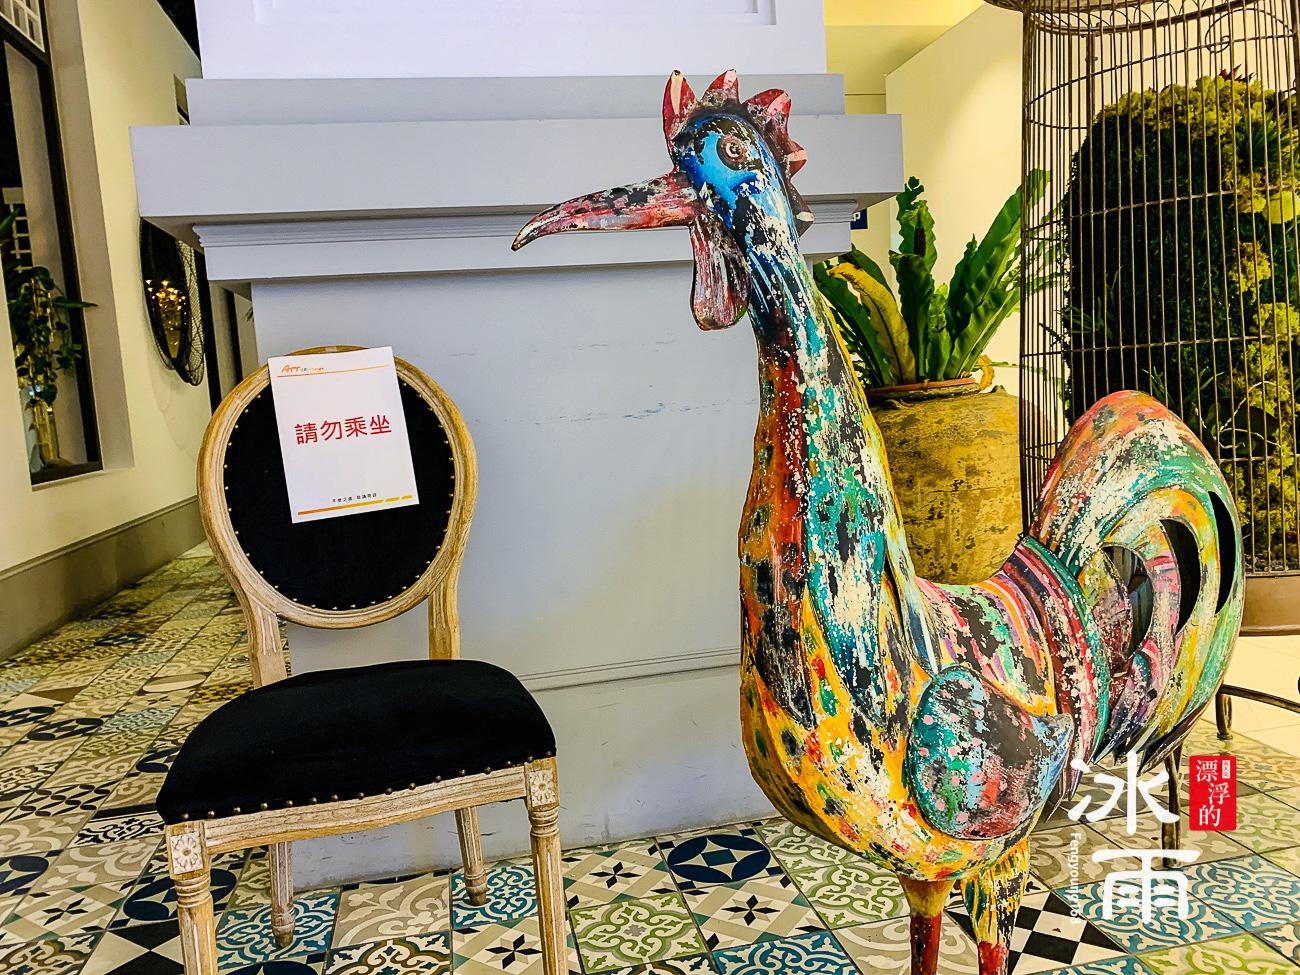 WOOTAIWAN大直ATT店|門口裝飾公雞非常搶眼